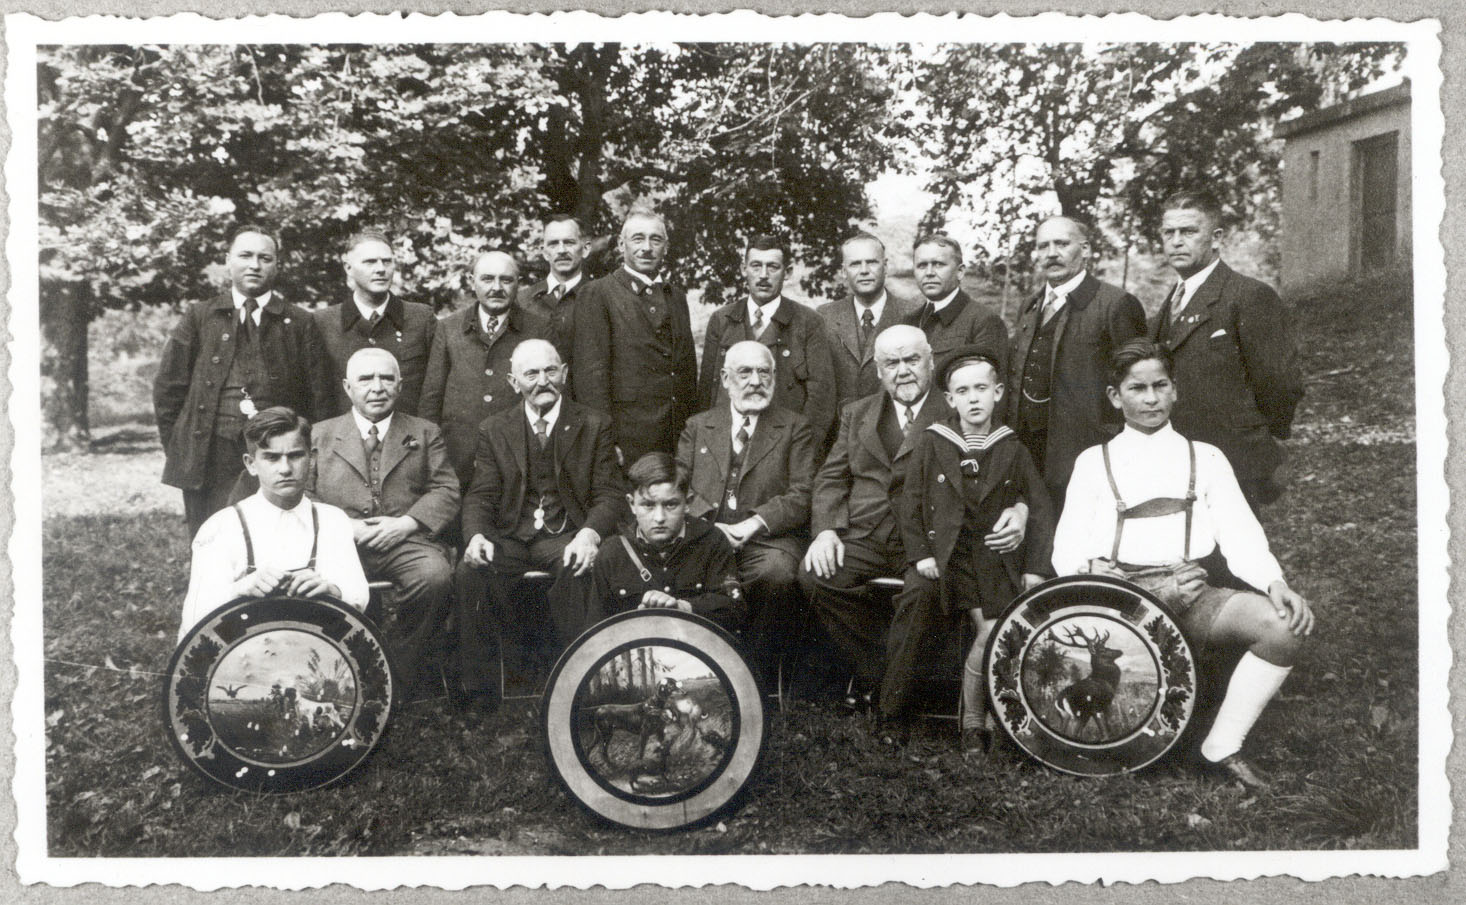 Bild des hundertjährigen Bestehens